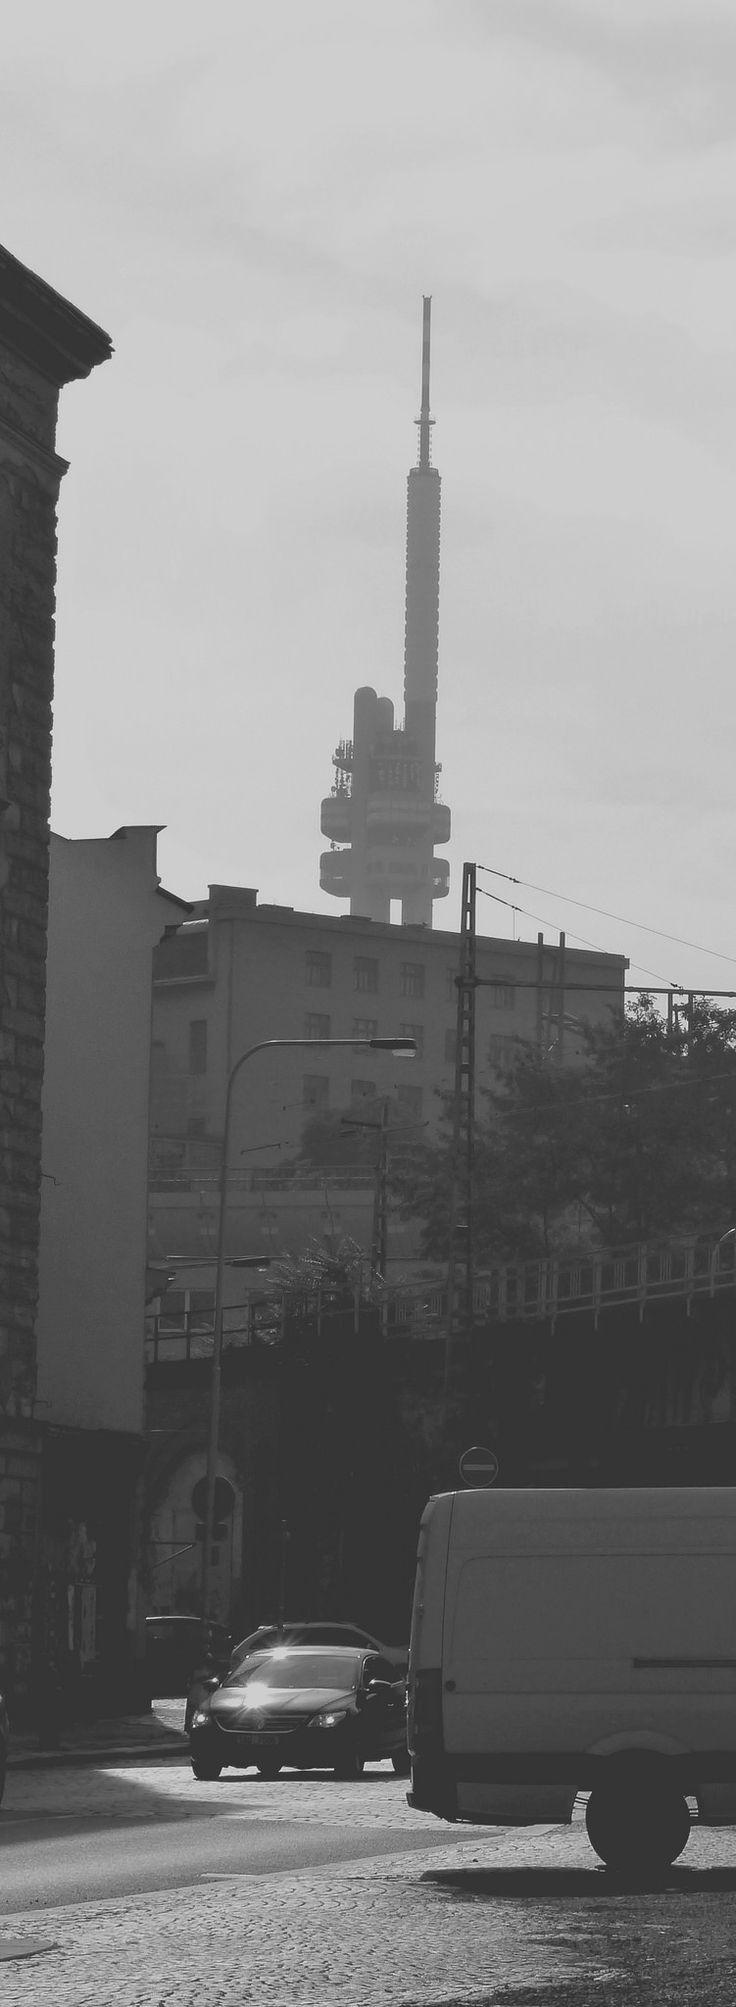 https://flic.kr/p/MVCW3W | tower